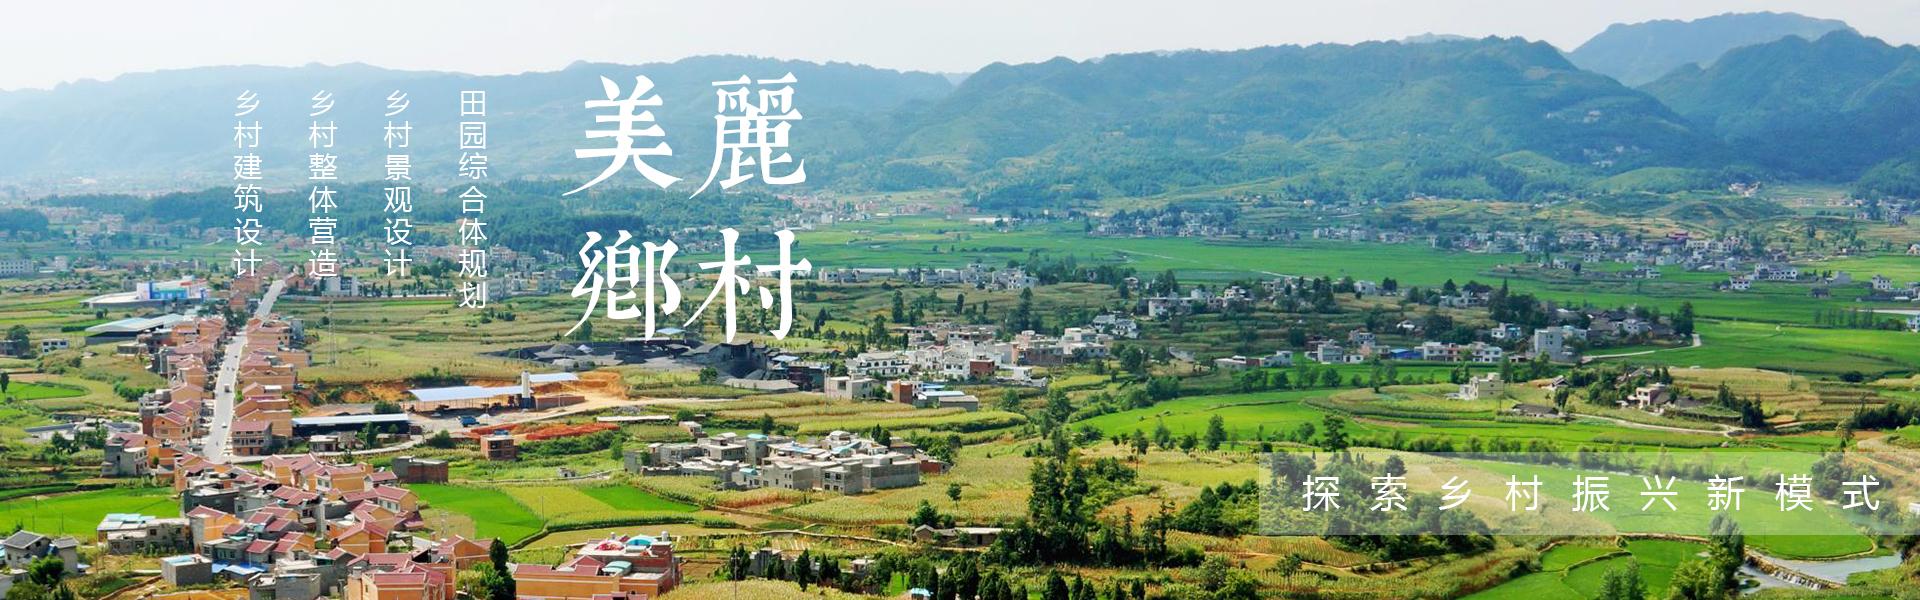 济宁美丽乡村规划公司